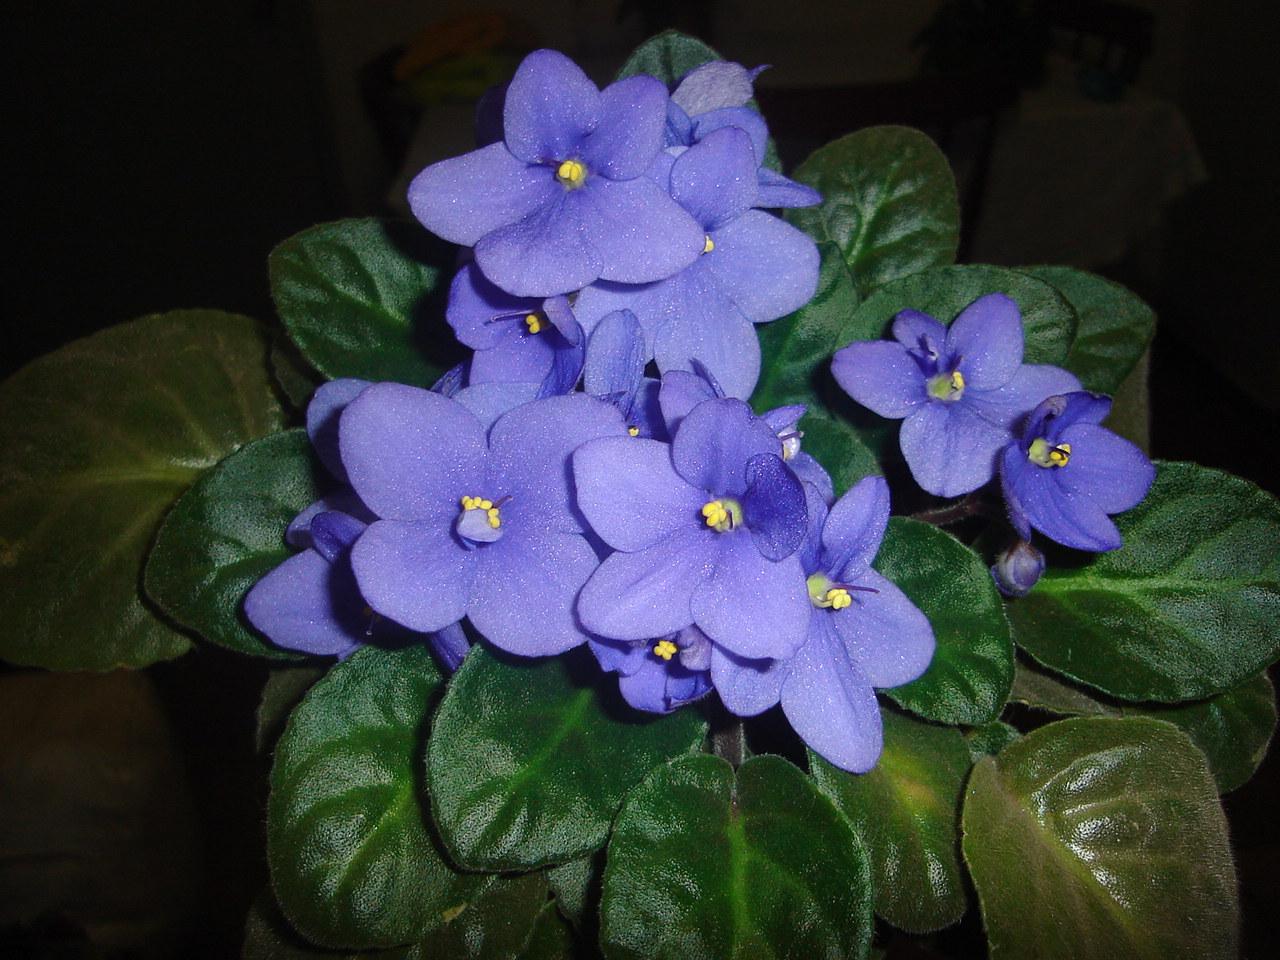 Imagenes De Flores Violetas